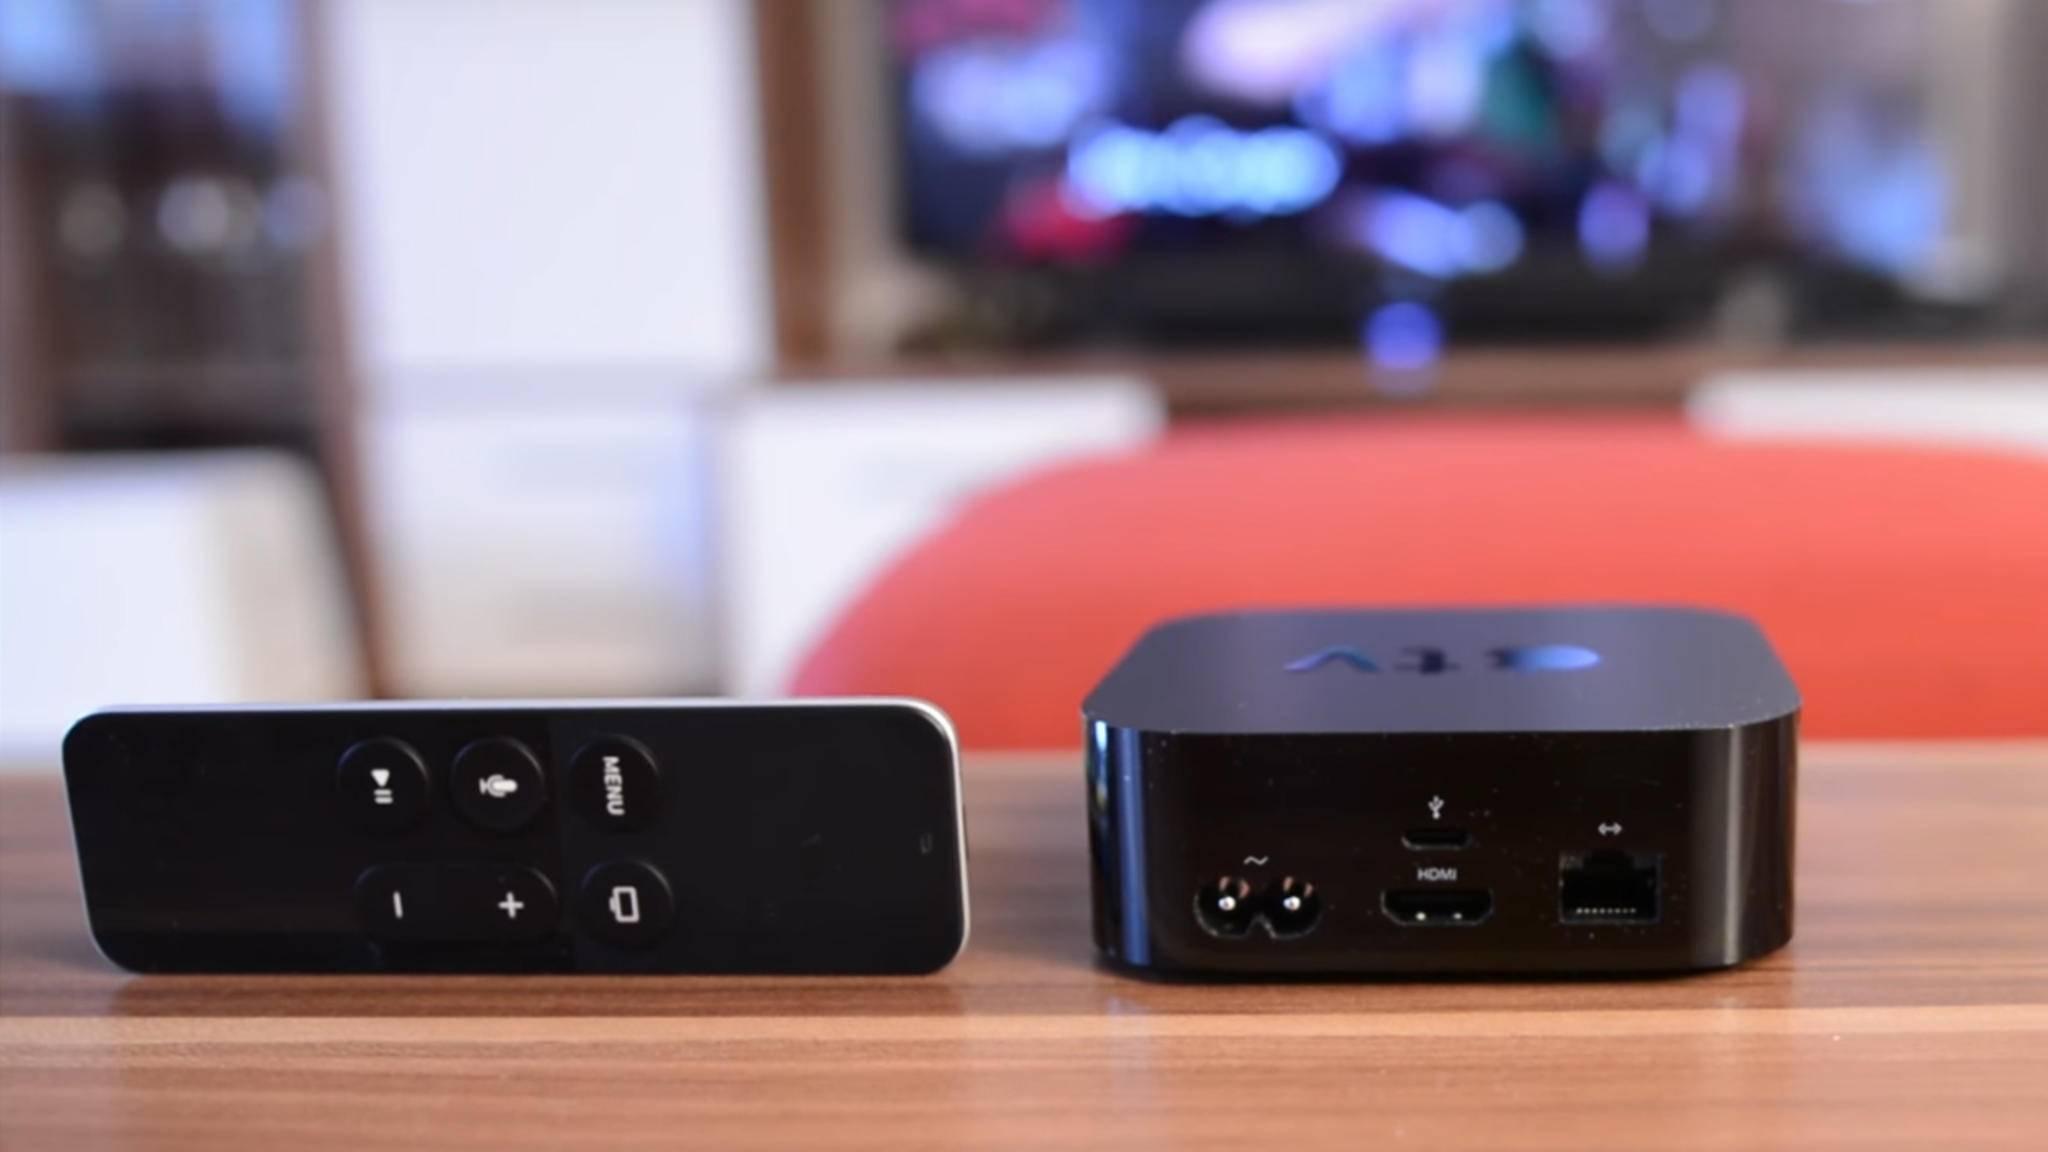 Die Verbindung zwischen Apple TV und einem iPad erfolgt im Handumdrehen.